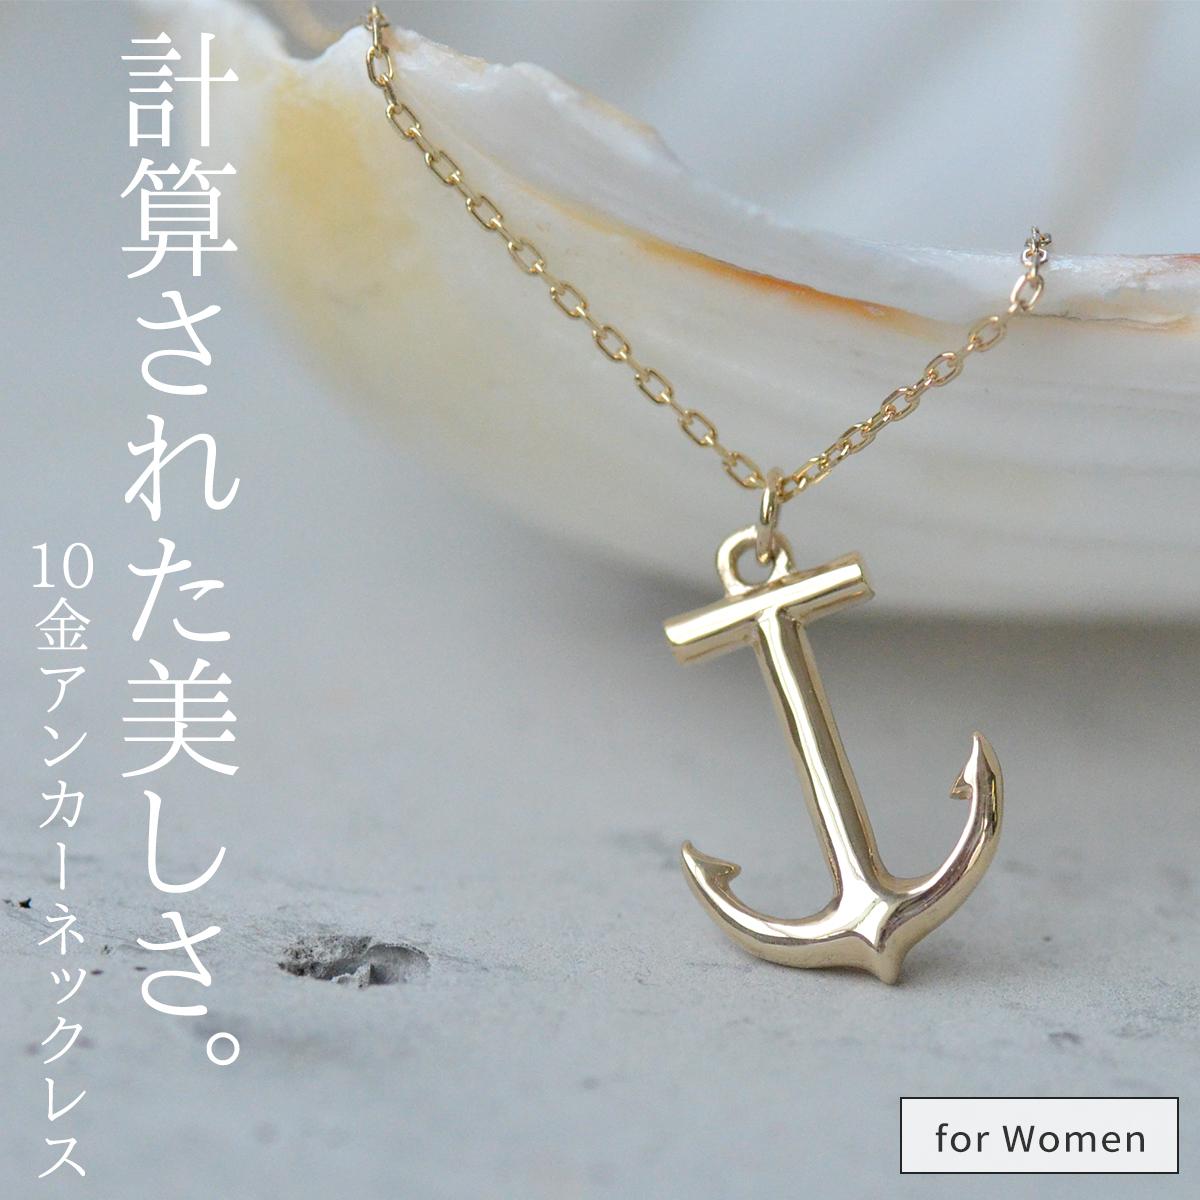 イニシャル彫刻 ネックレス レディース ゴールド アンカー K10  Lauss LadiesNecklace